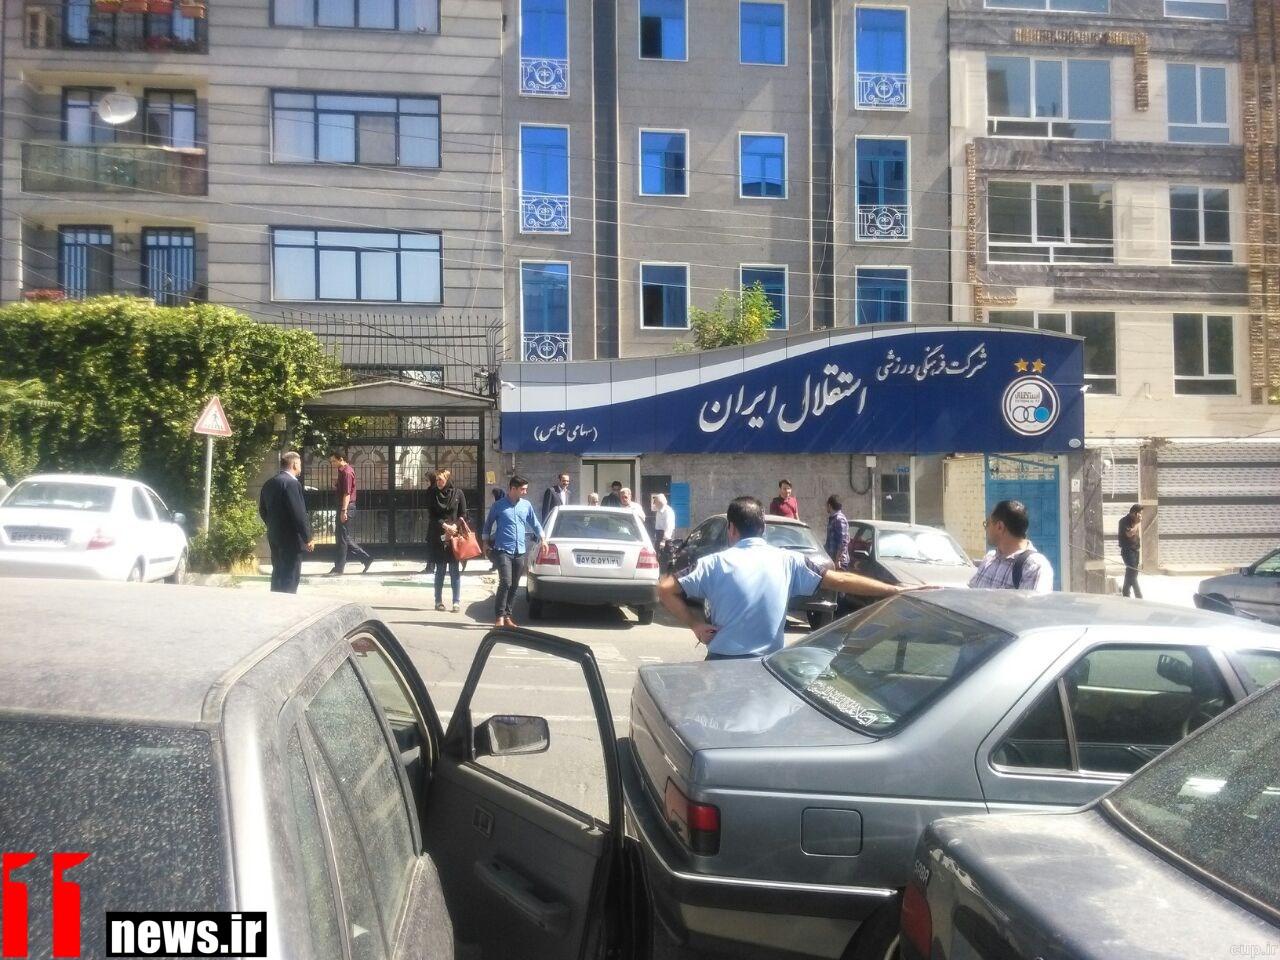 کتککاری،شکستن بینی و تهدید به قتل مقابل باشگاه استقلال!